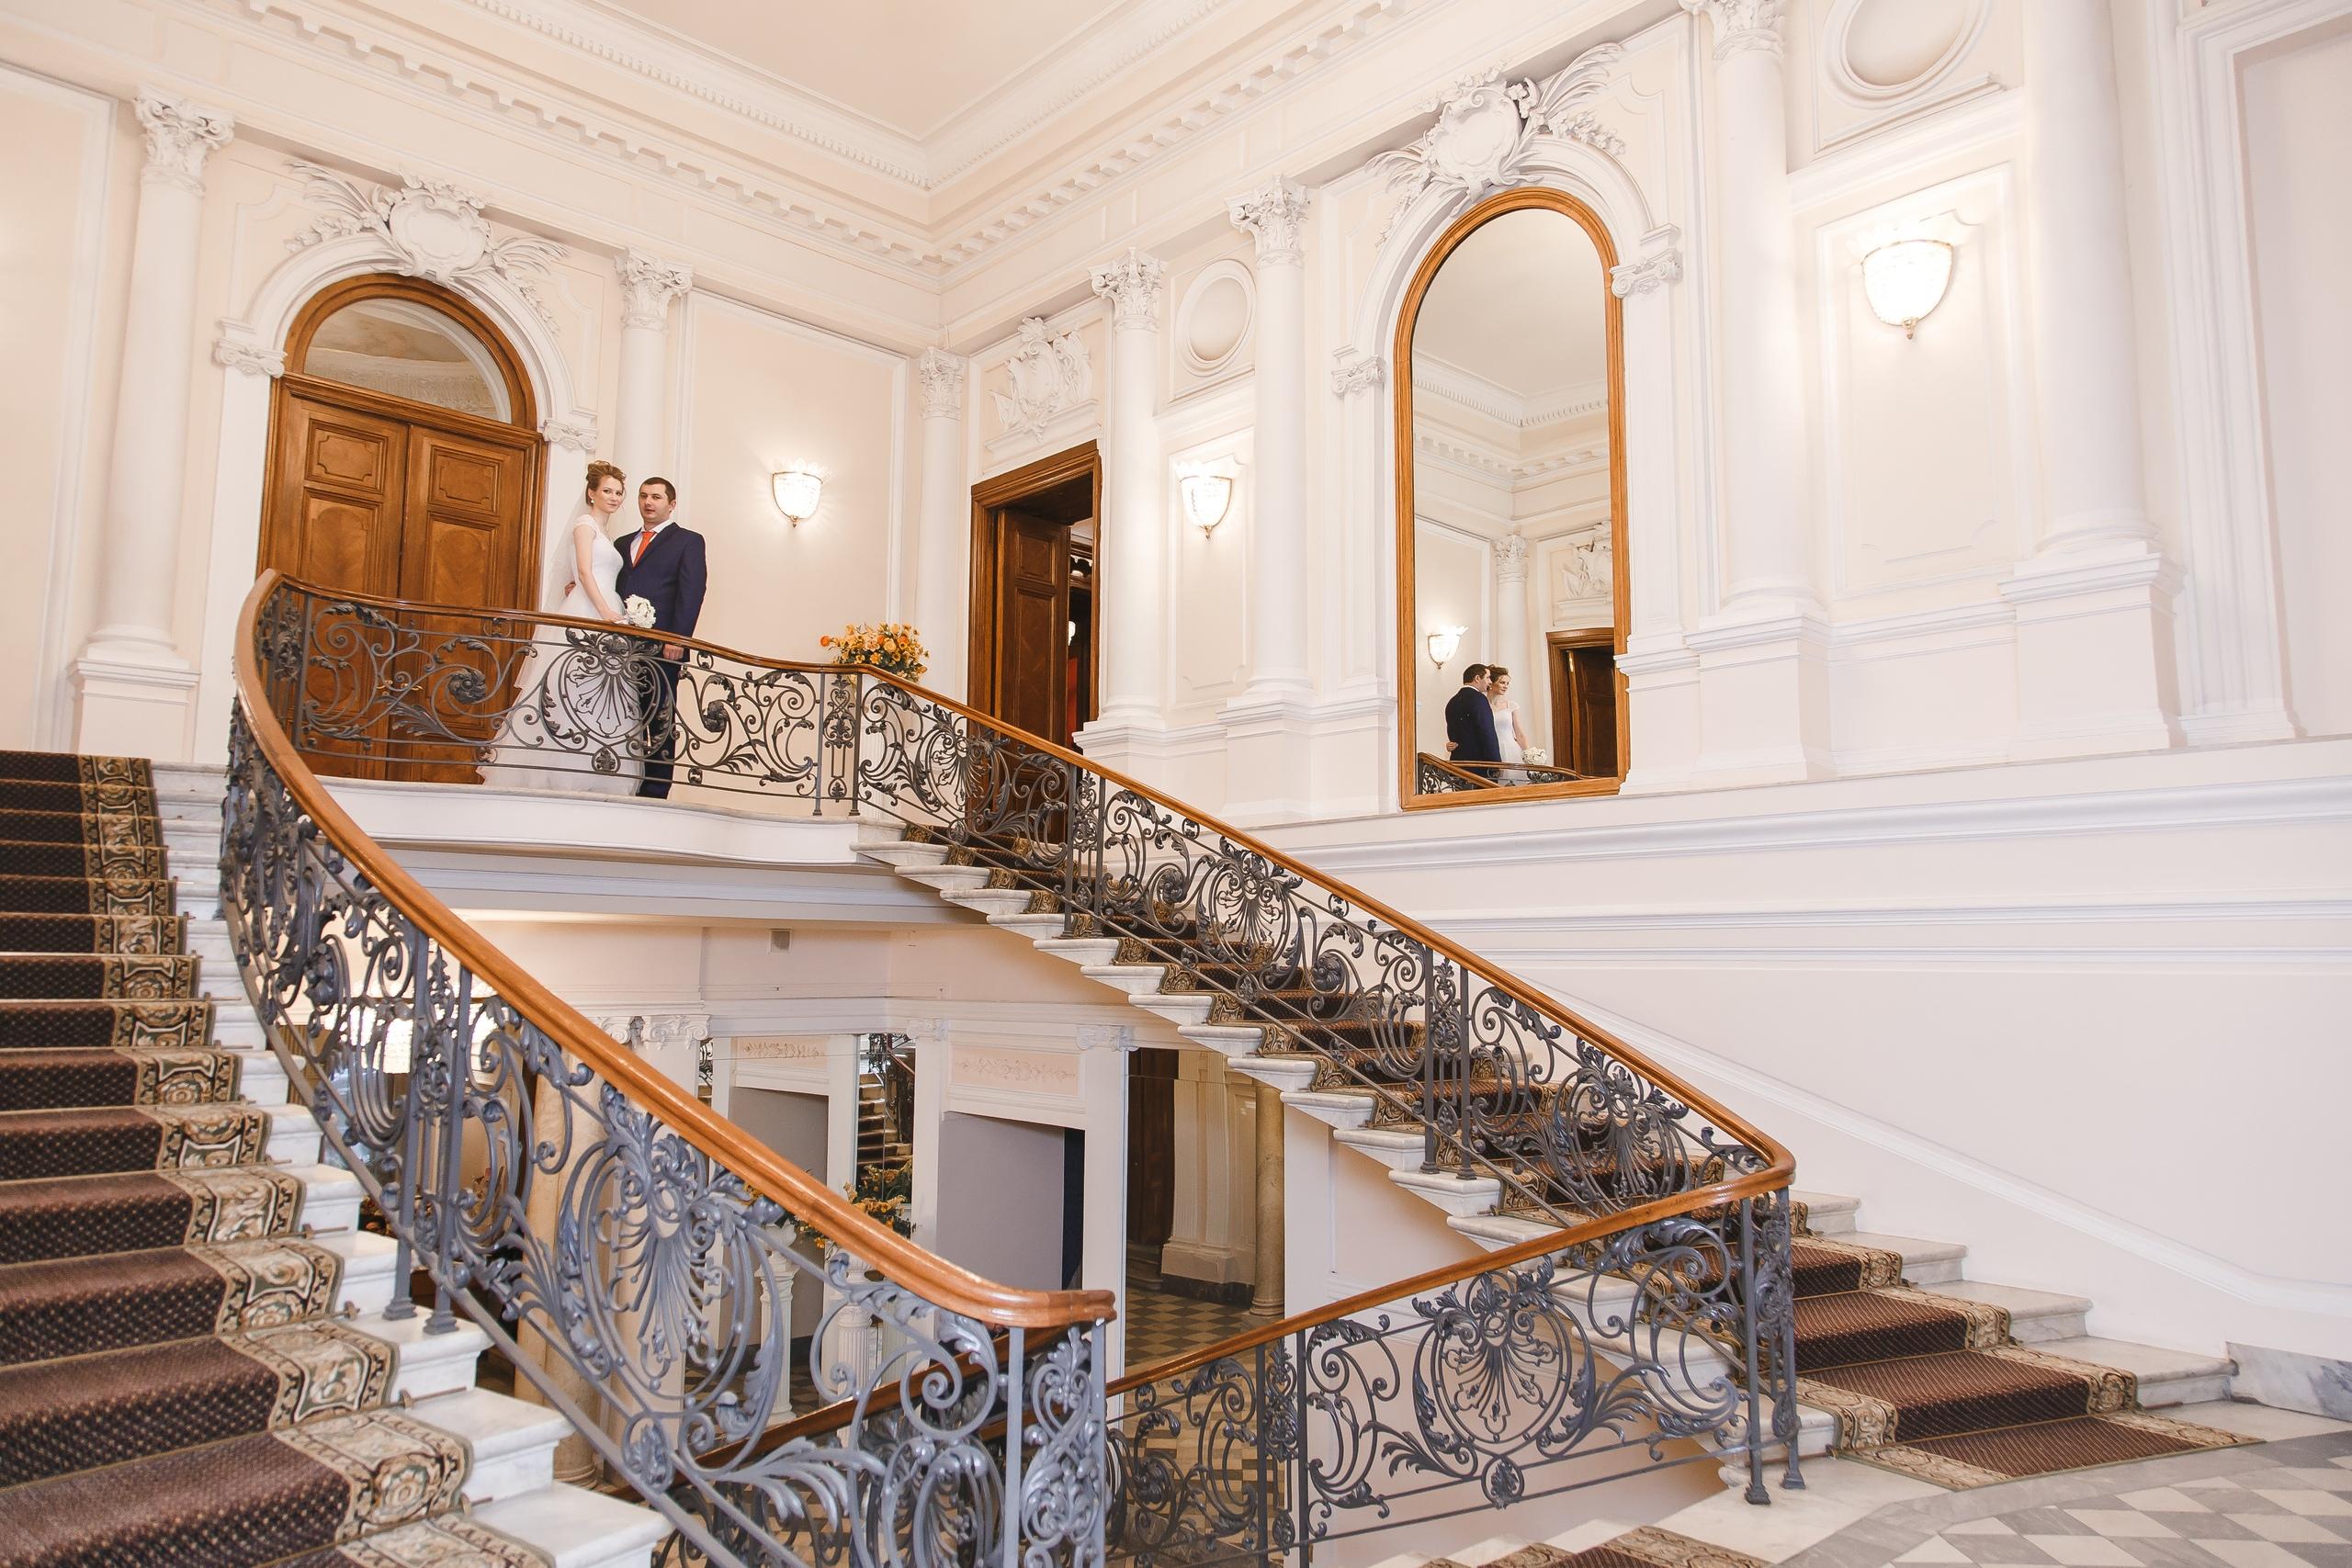 Дворец Бракосочетания №2 интерьер